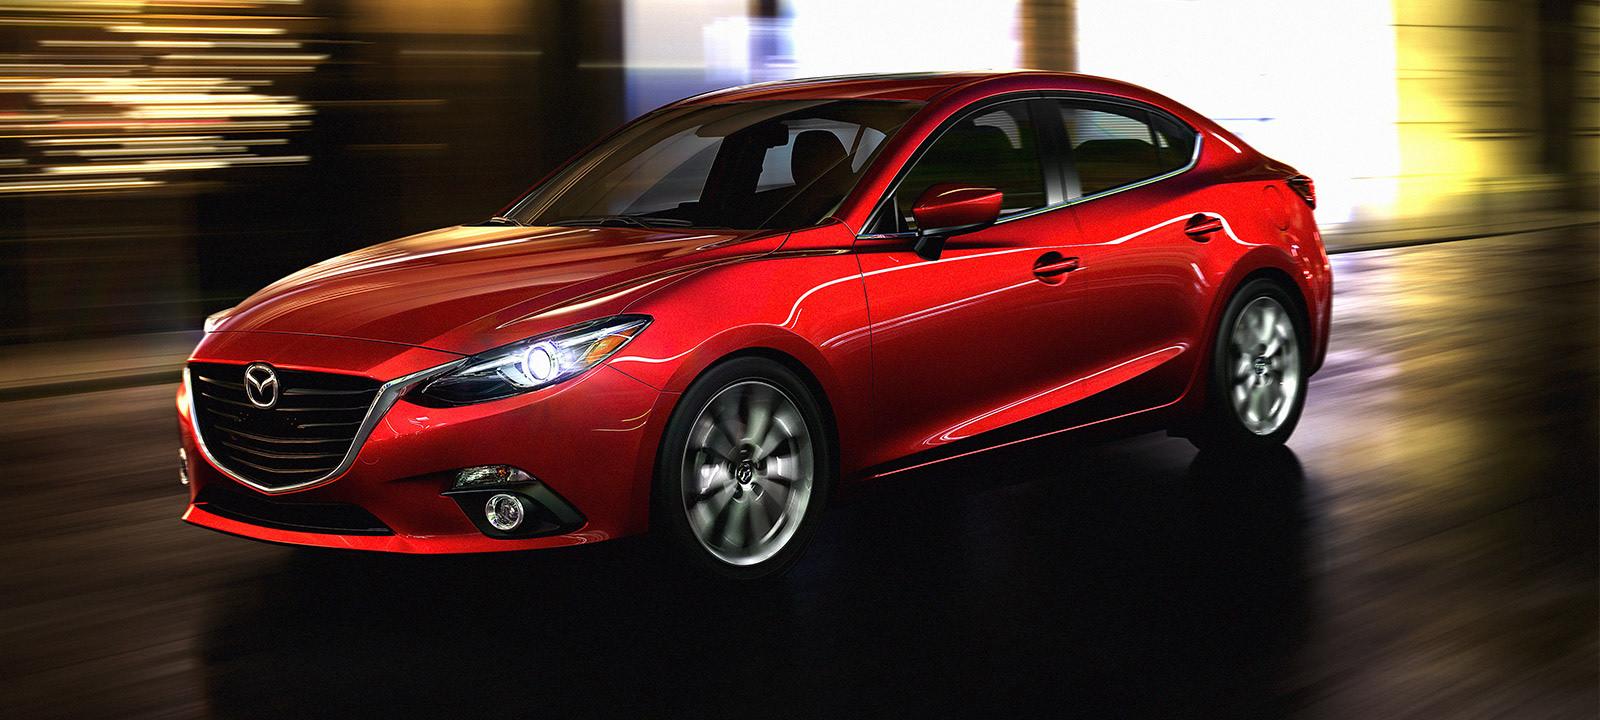 Mazda3 i Touring – new car under $25,000